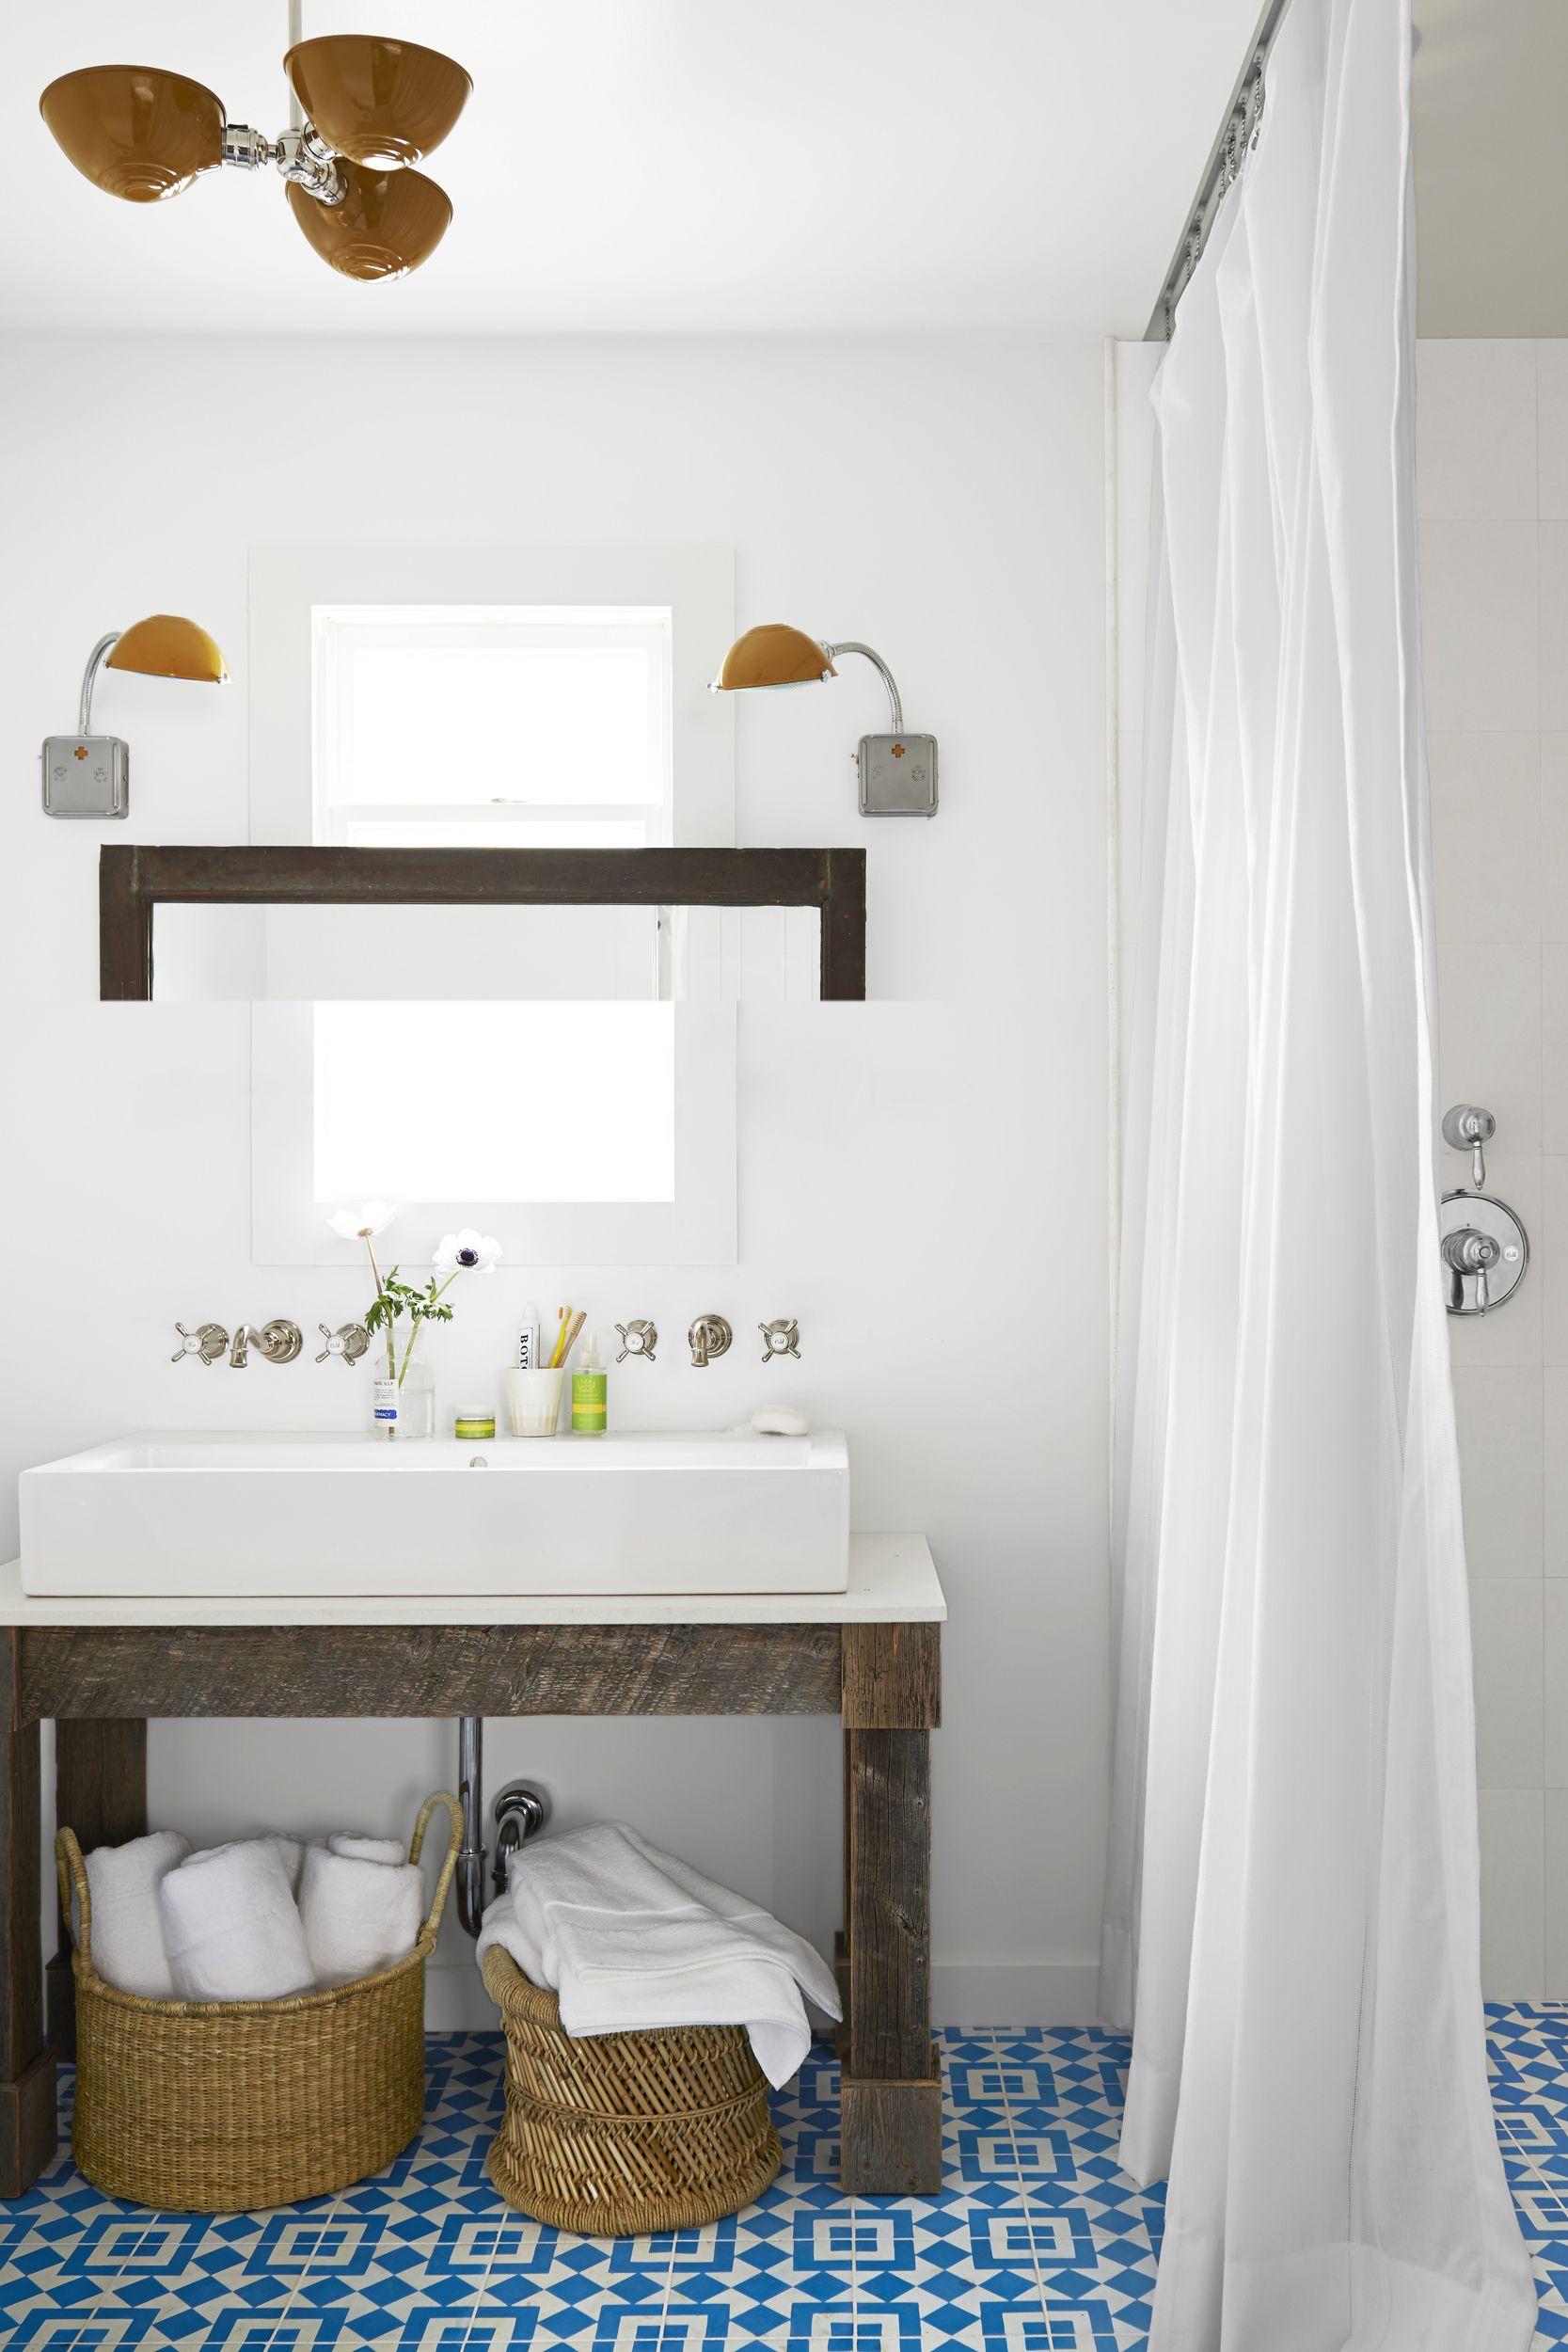 24 Small Bathroom Storage Ideas - Wall Storage Solutions ... on Small Apartment Bathroom Storage Ideas  id=27038